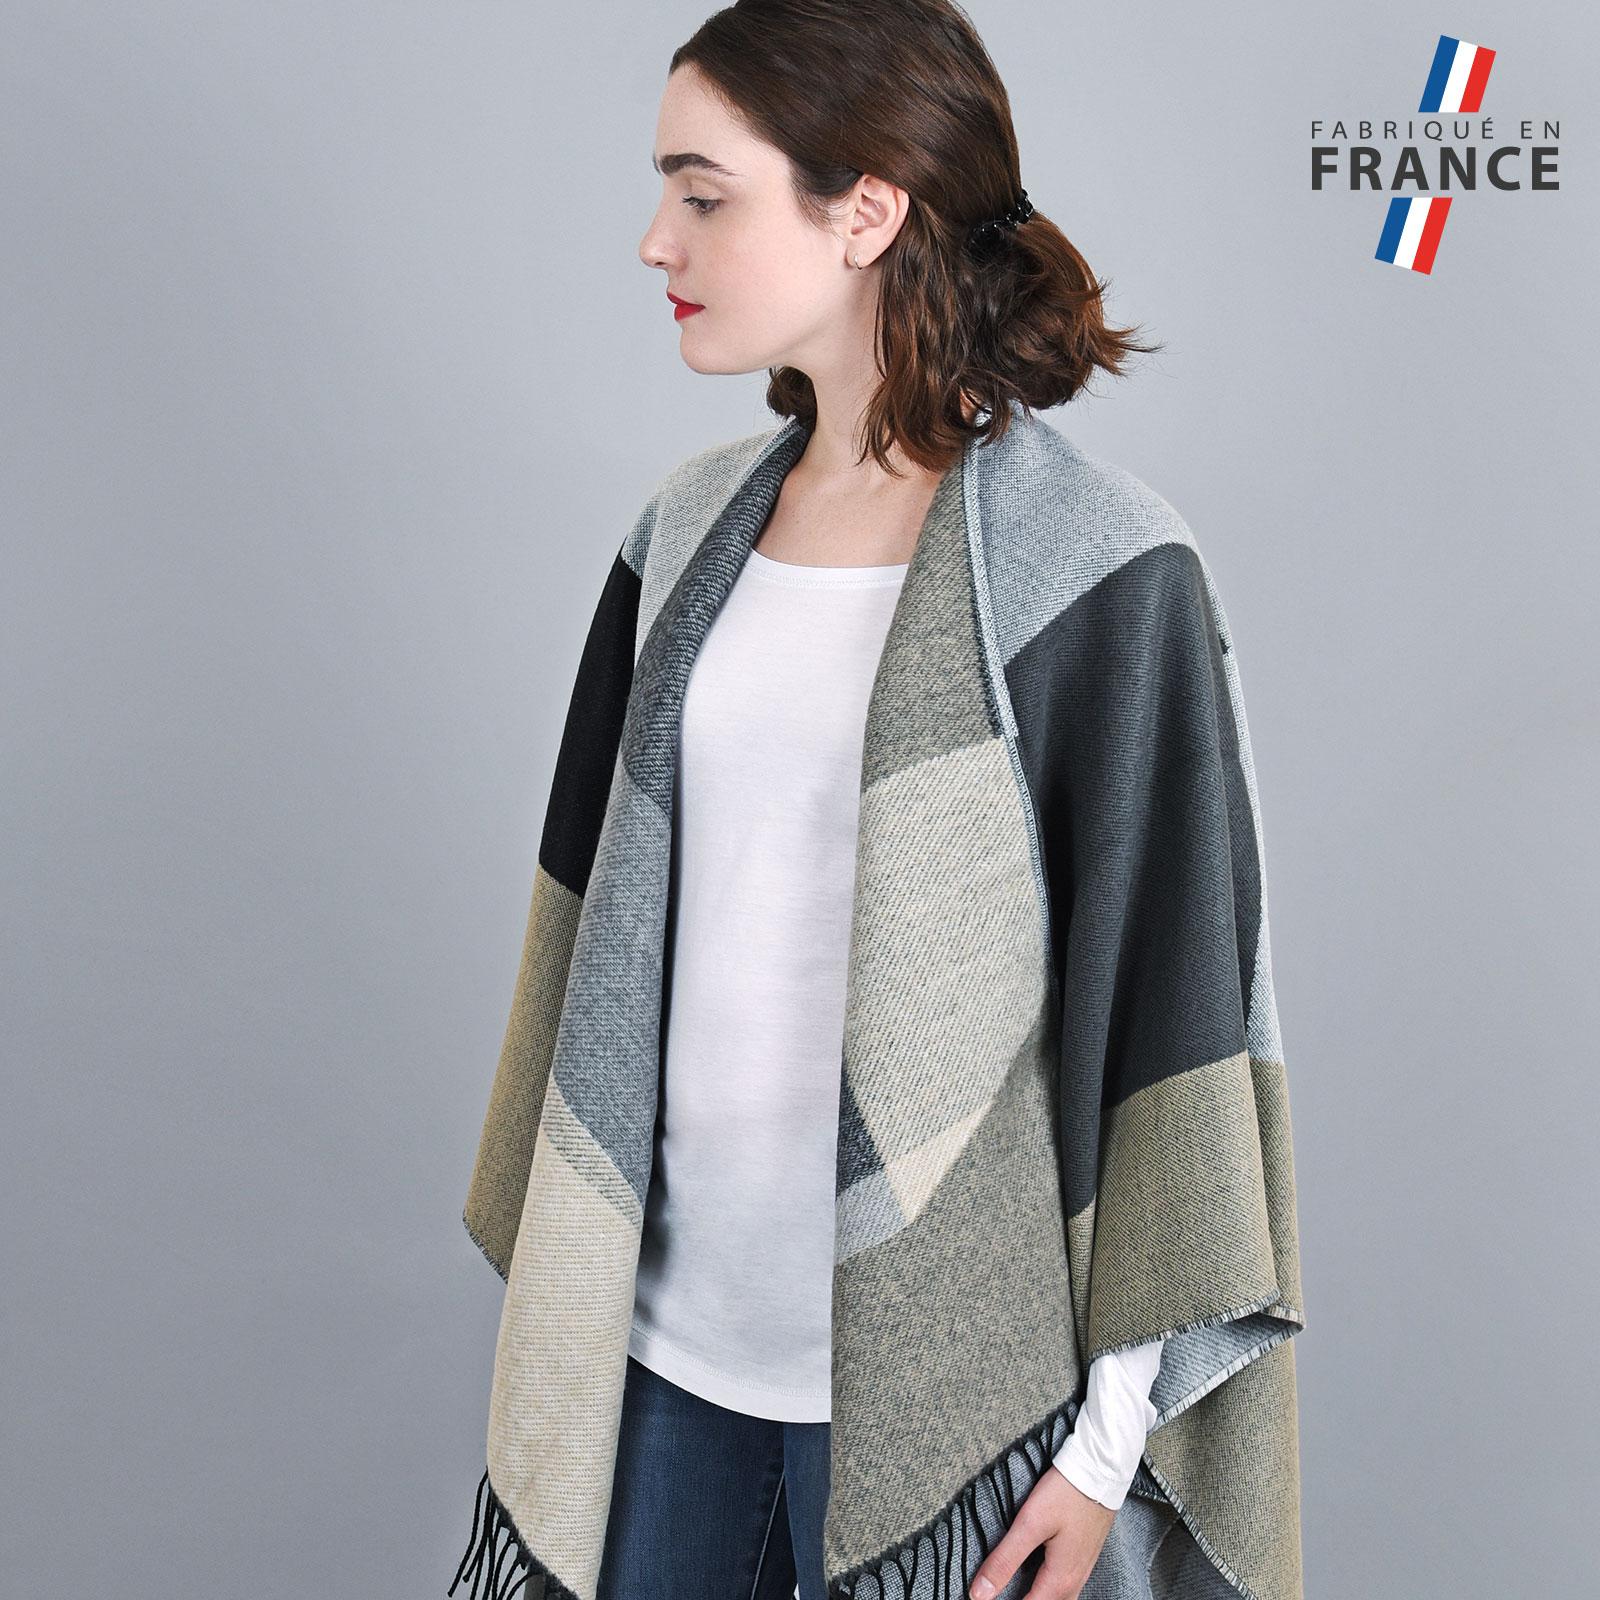 AT-04151-VF16-2-LB_FR-poncho-chaud-hiver-patchwork-gris-noir